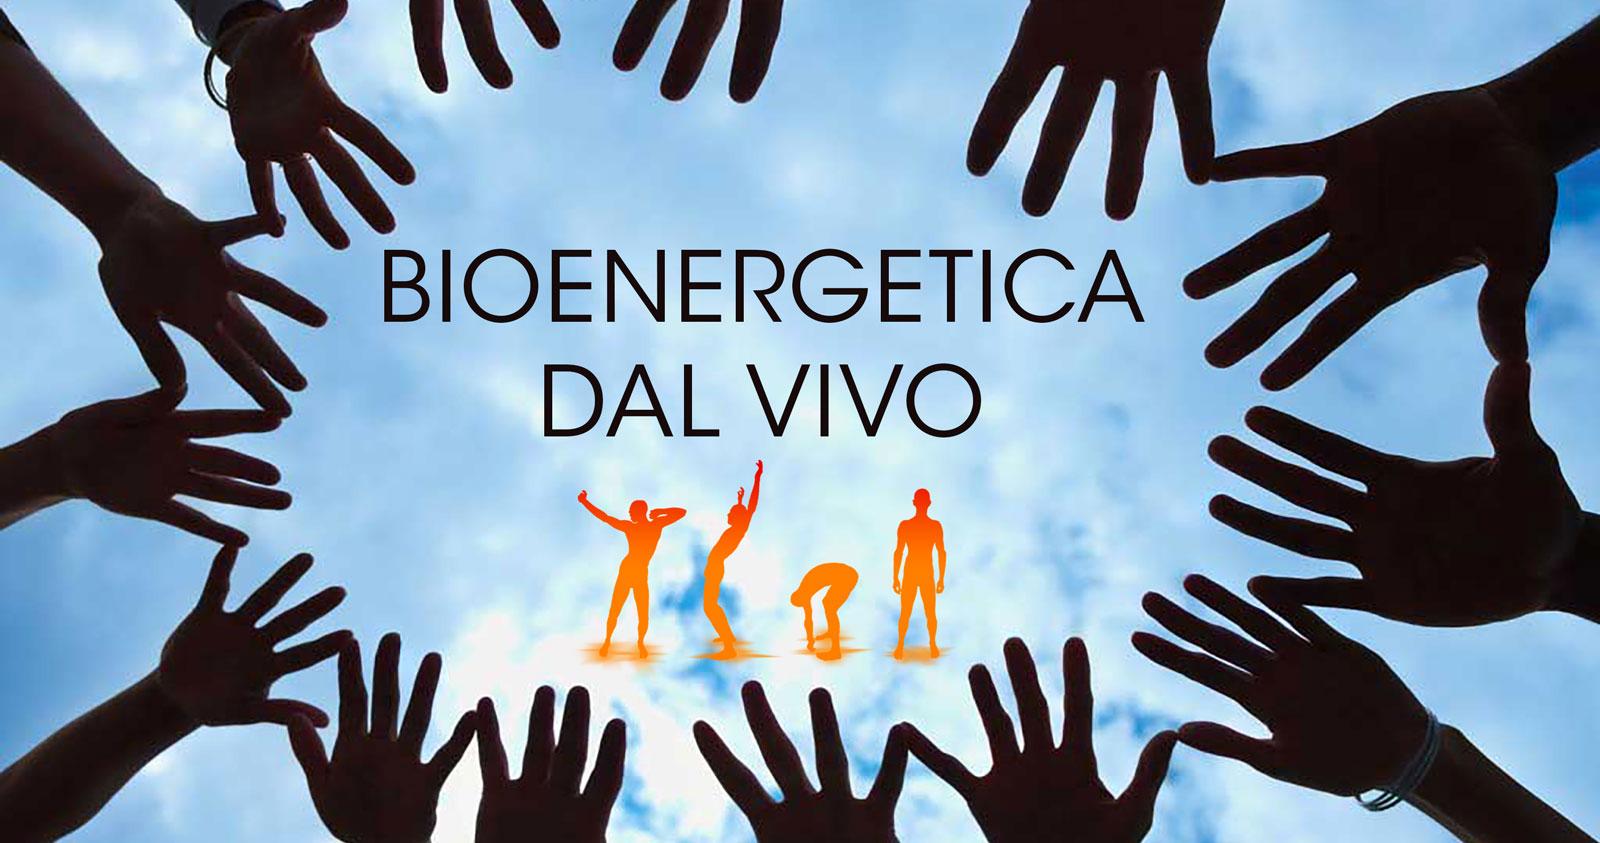 Bioenergetica dal vivo - Pratica Bioenergetica